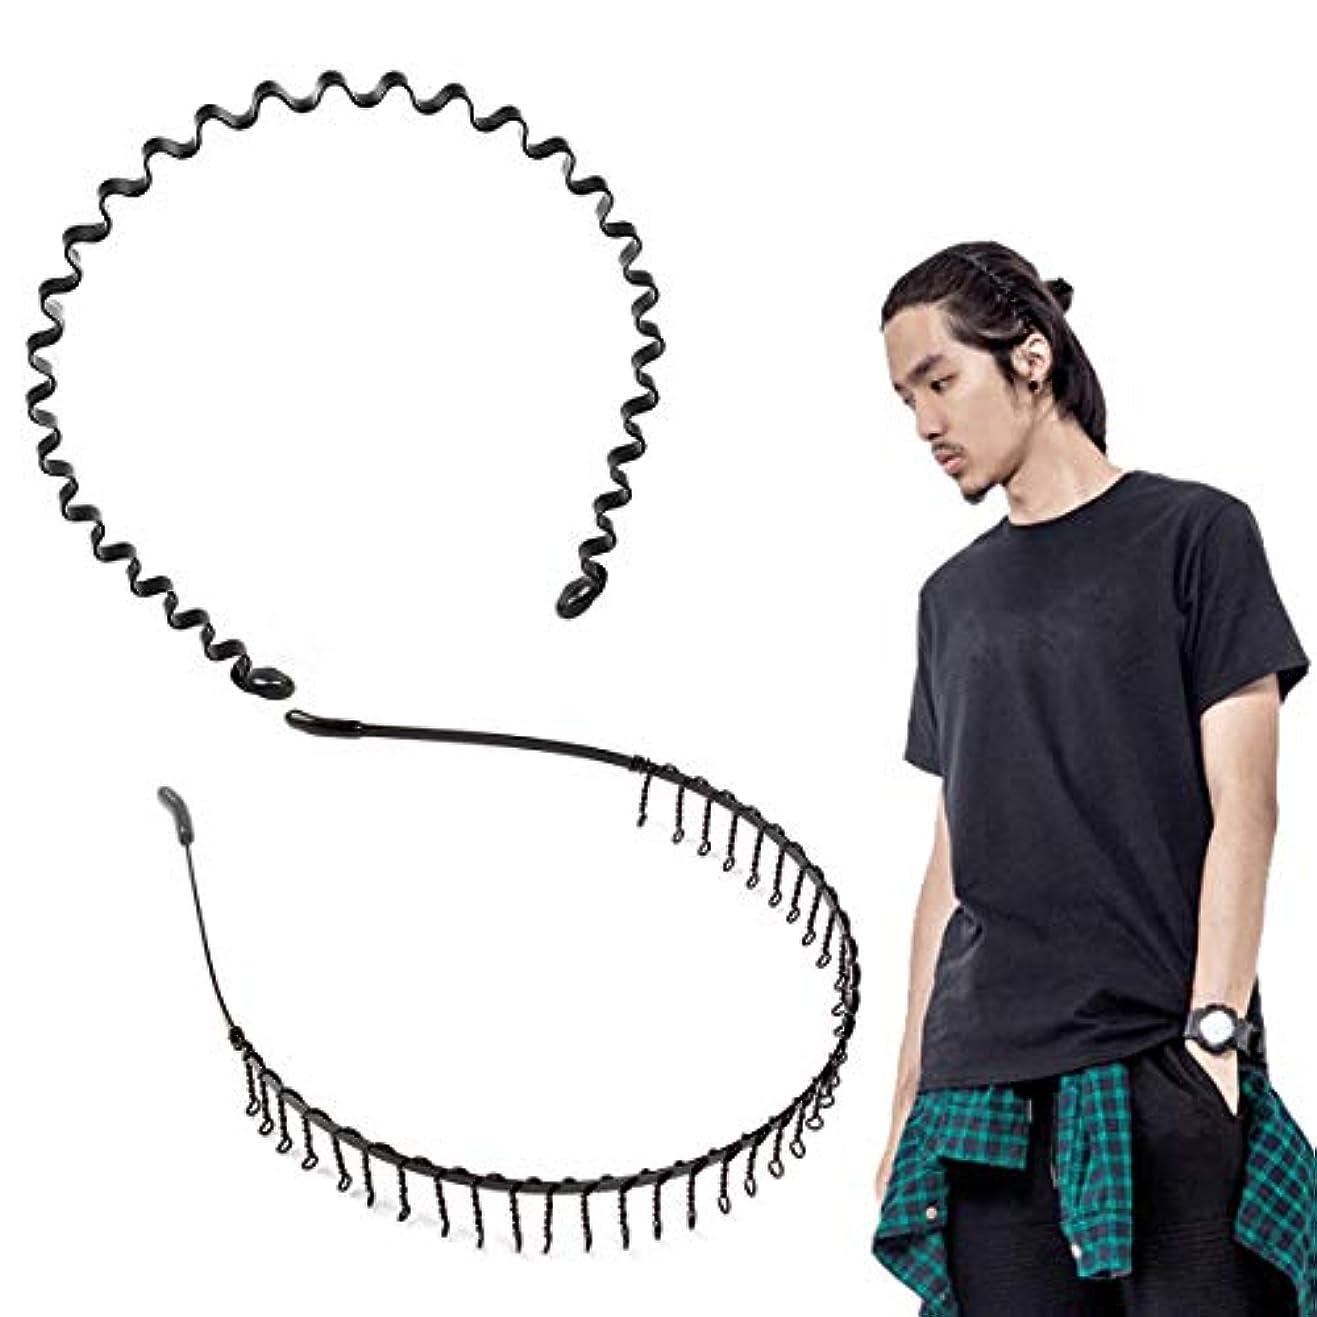 満員注文ベーリング海峡shefun メンズ カチューシャ スプリング ヘアバンド 鉄 波型 くし付き 滑り止め 痛くない 黒 シンプル 前髪 髪飾り 2本セット JP159